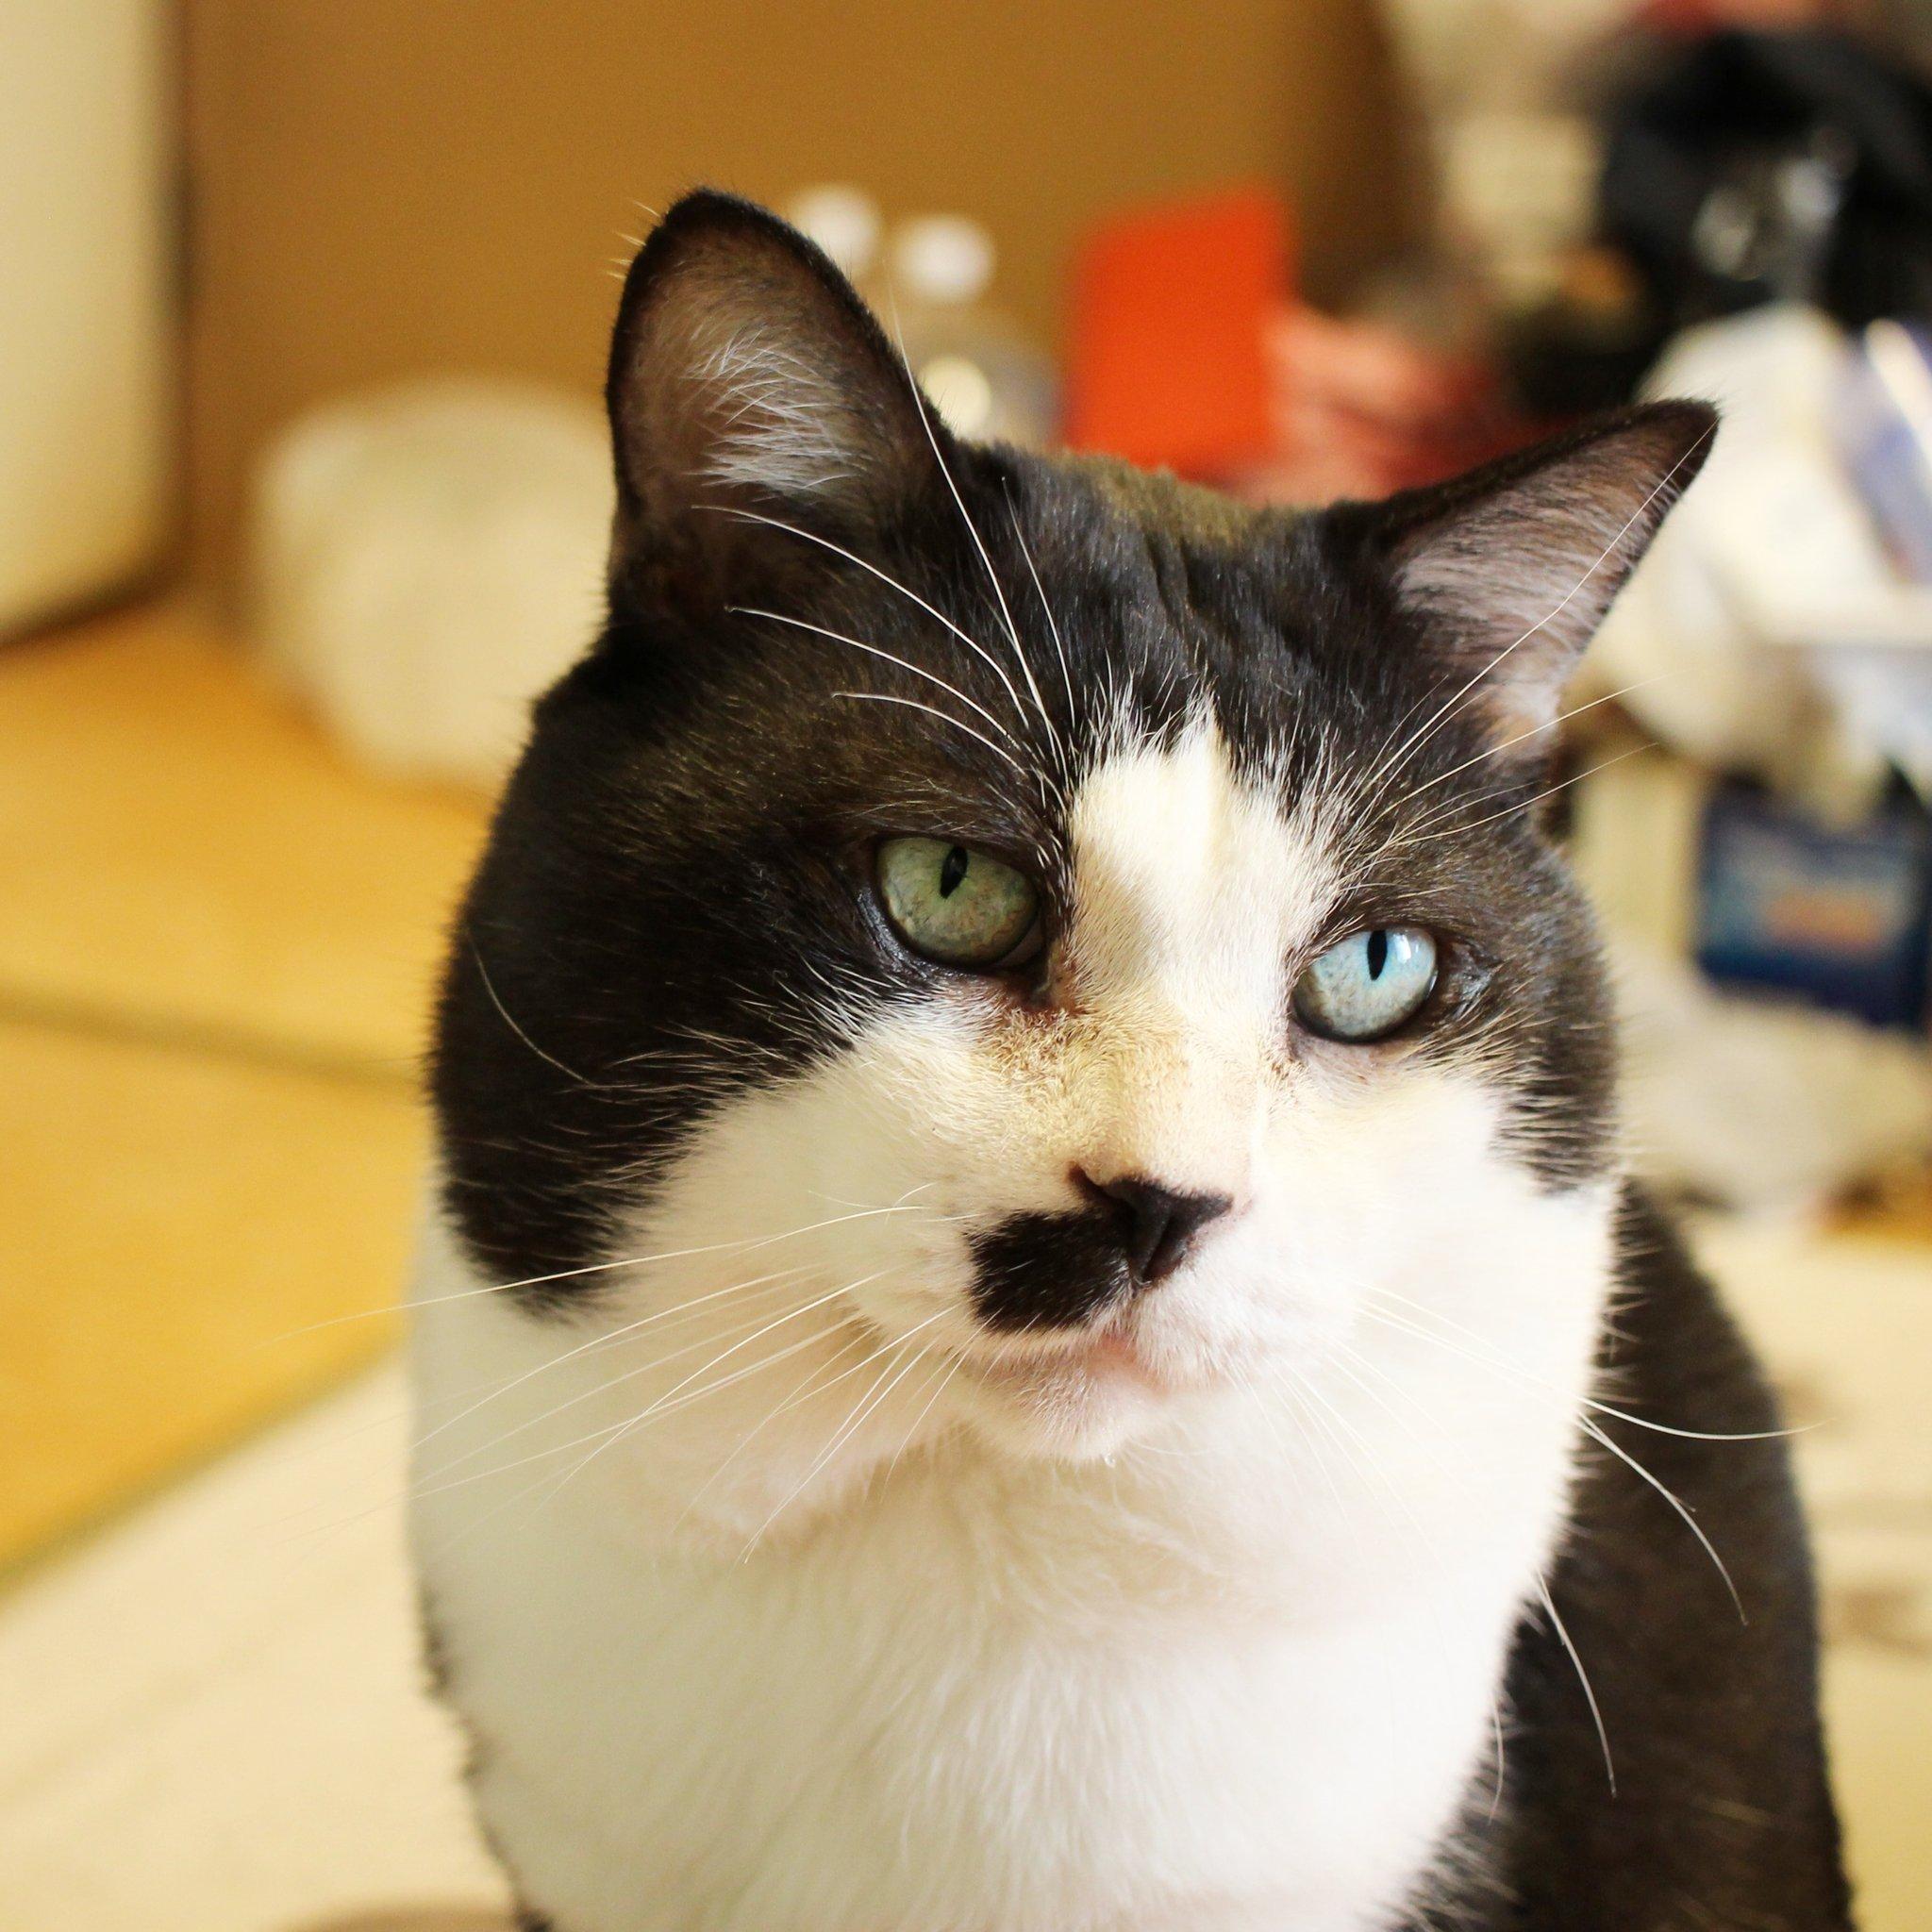 可愛い猫,ねこちゃん,ぬこ,綺麗な毛並み,凛々しいポーズで記念写真